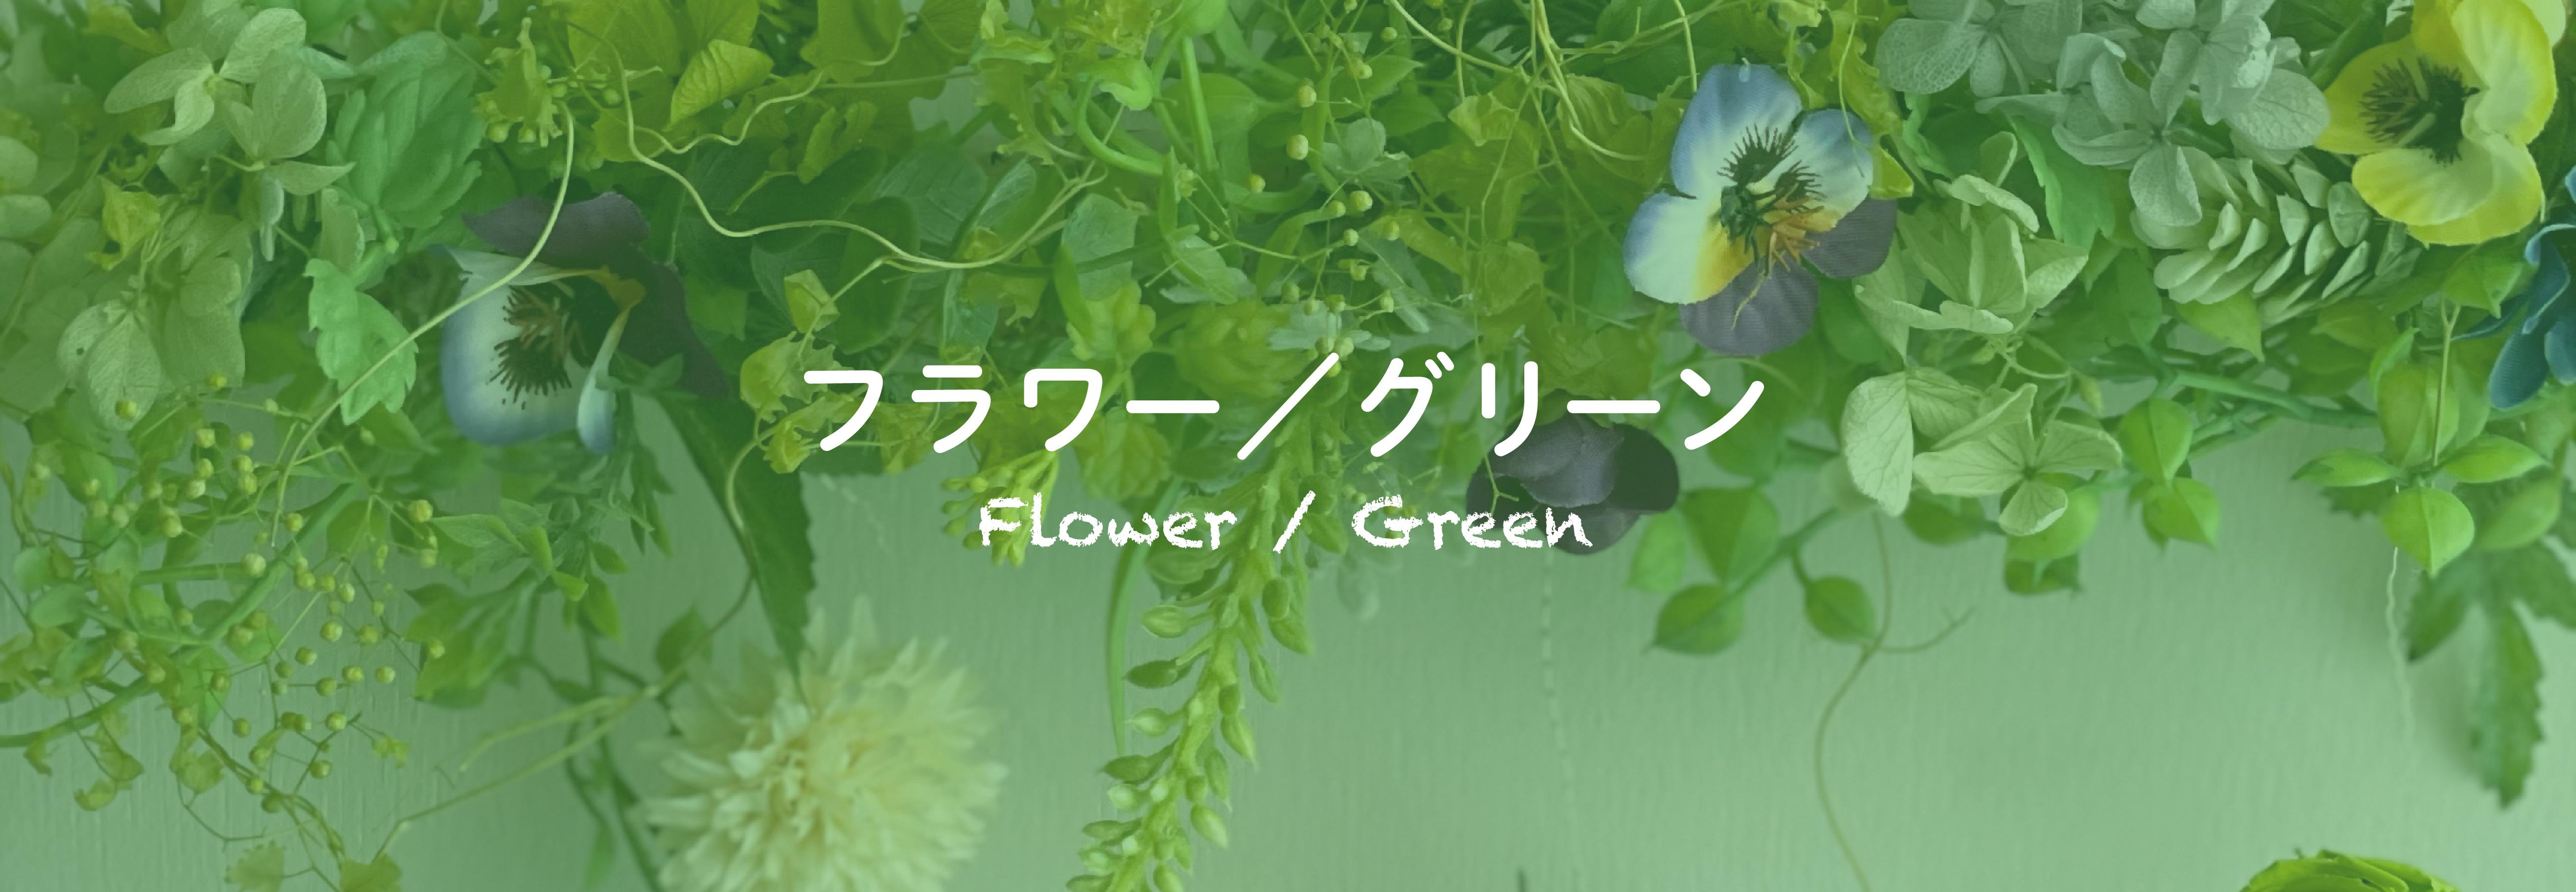 フラワー/グリーン